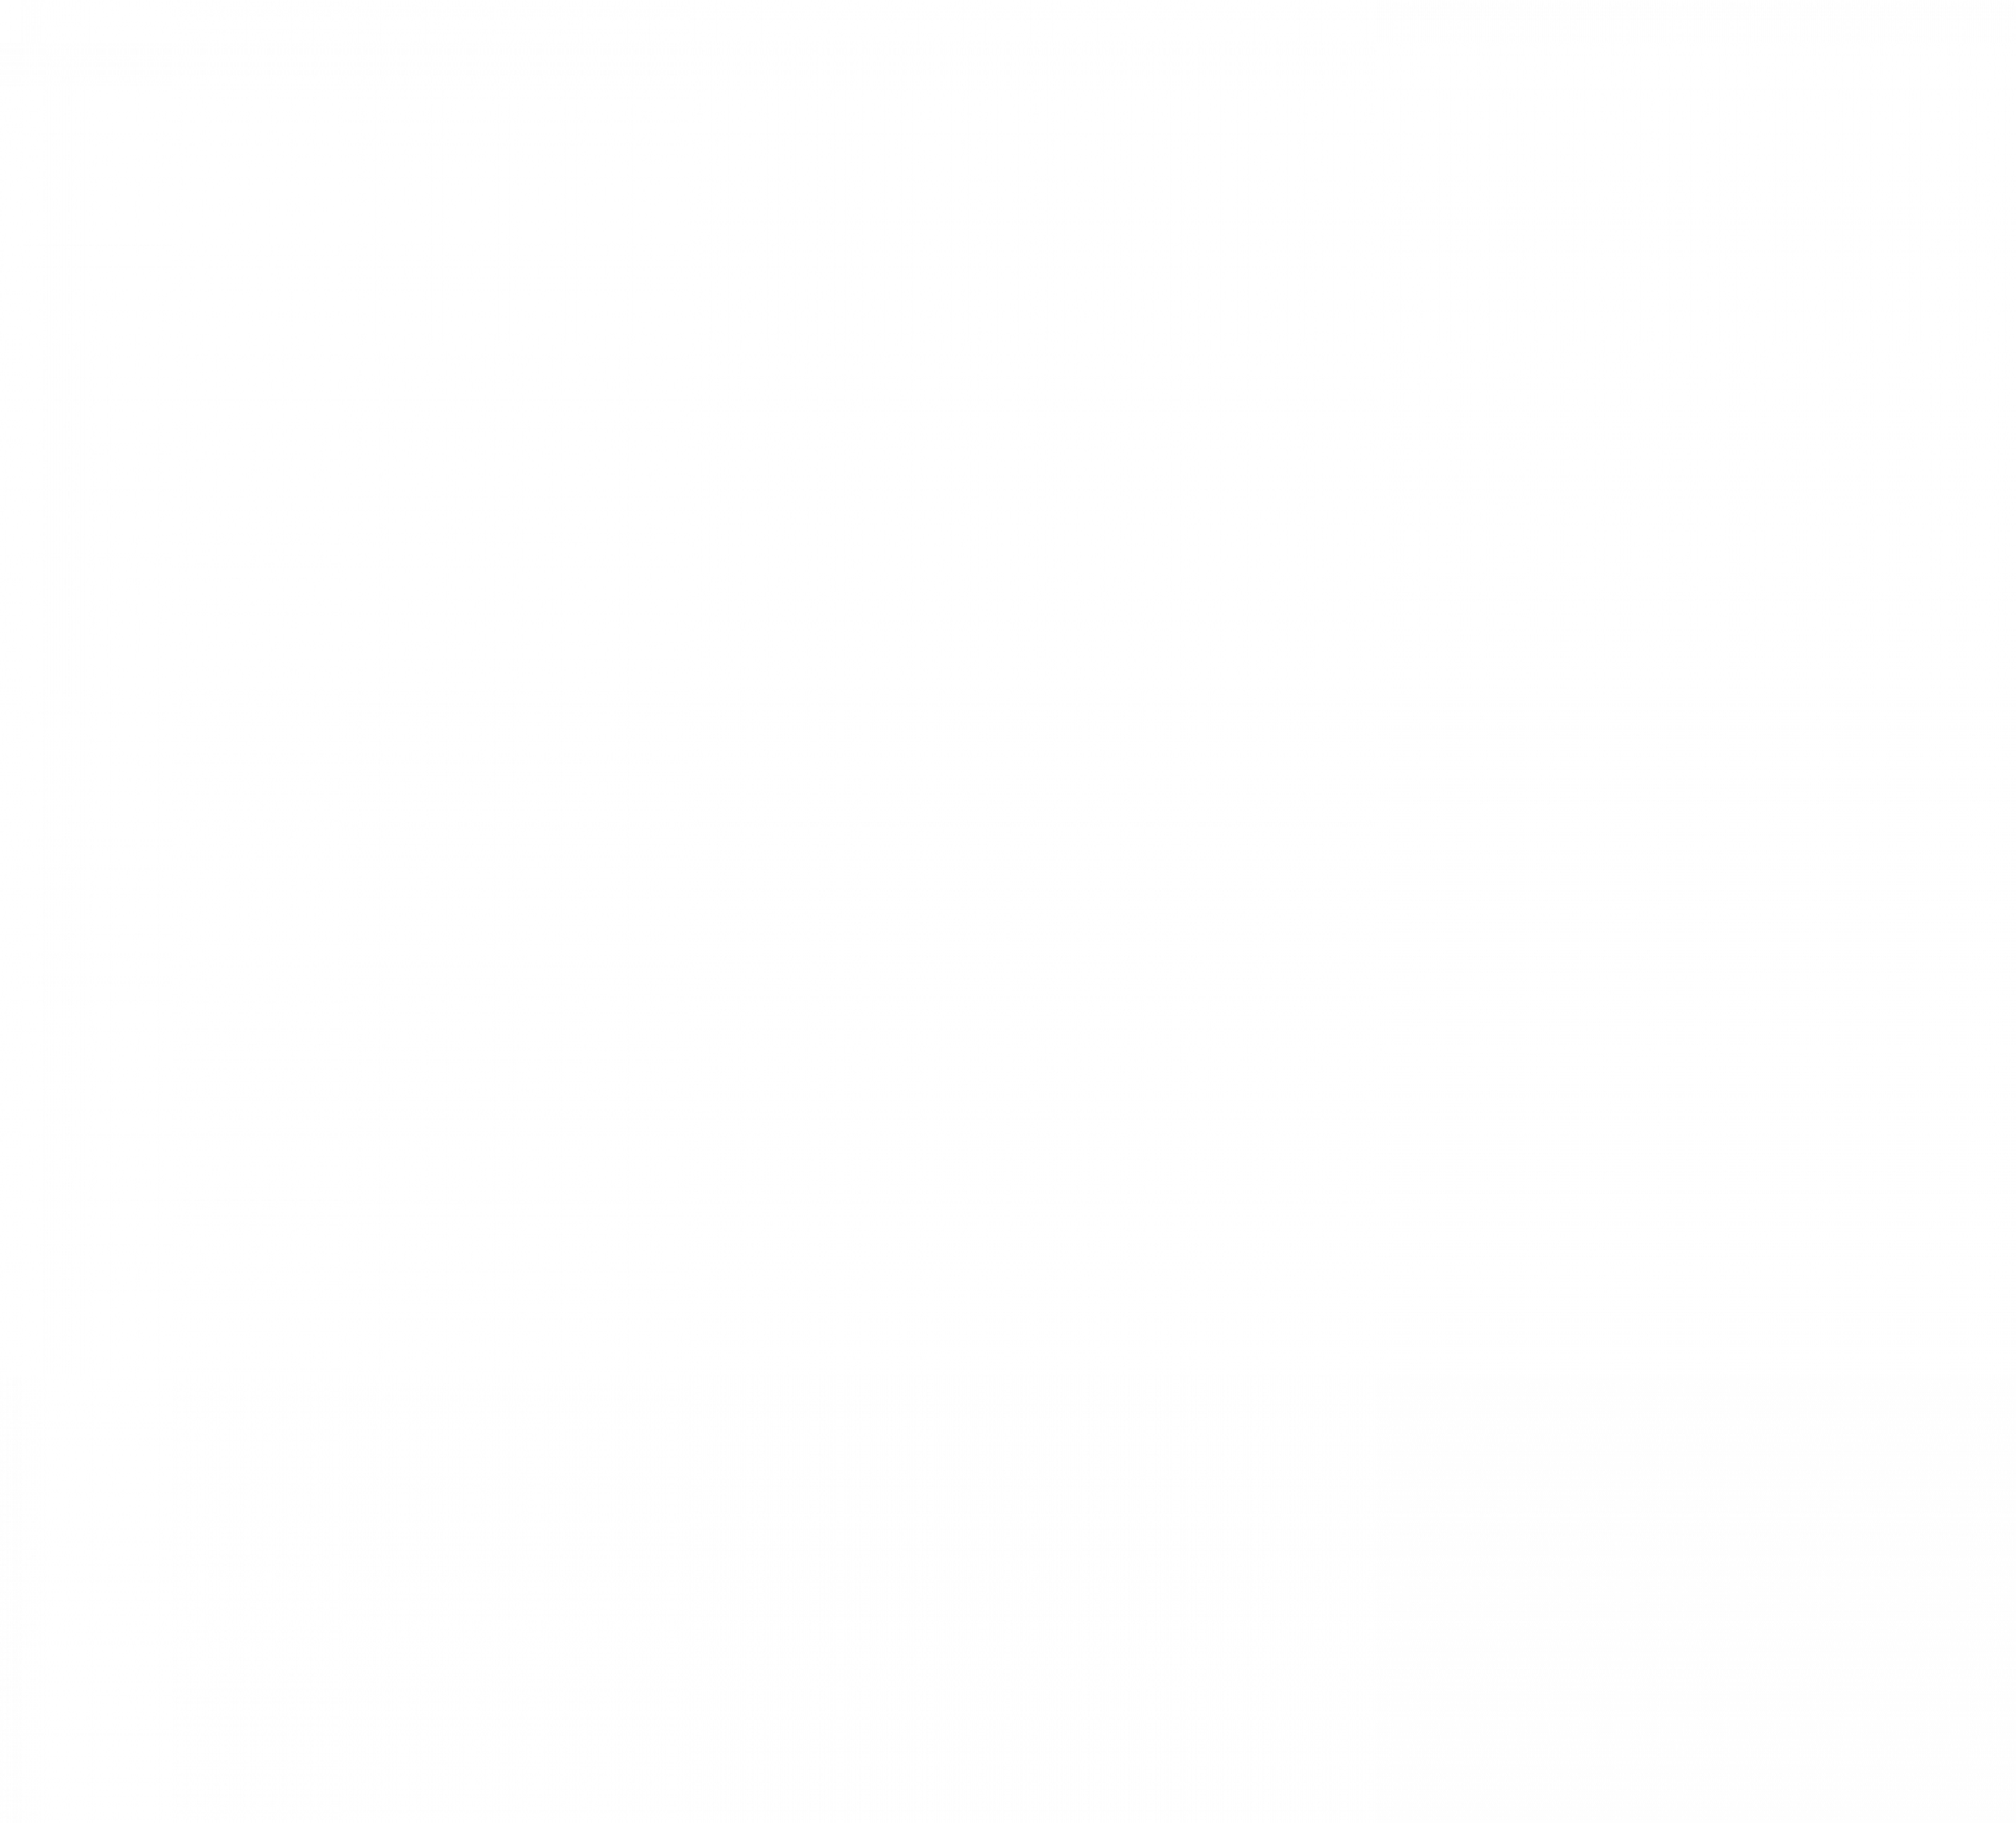 Zapatas